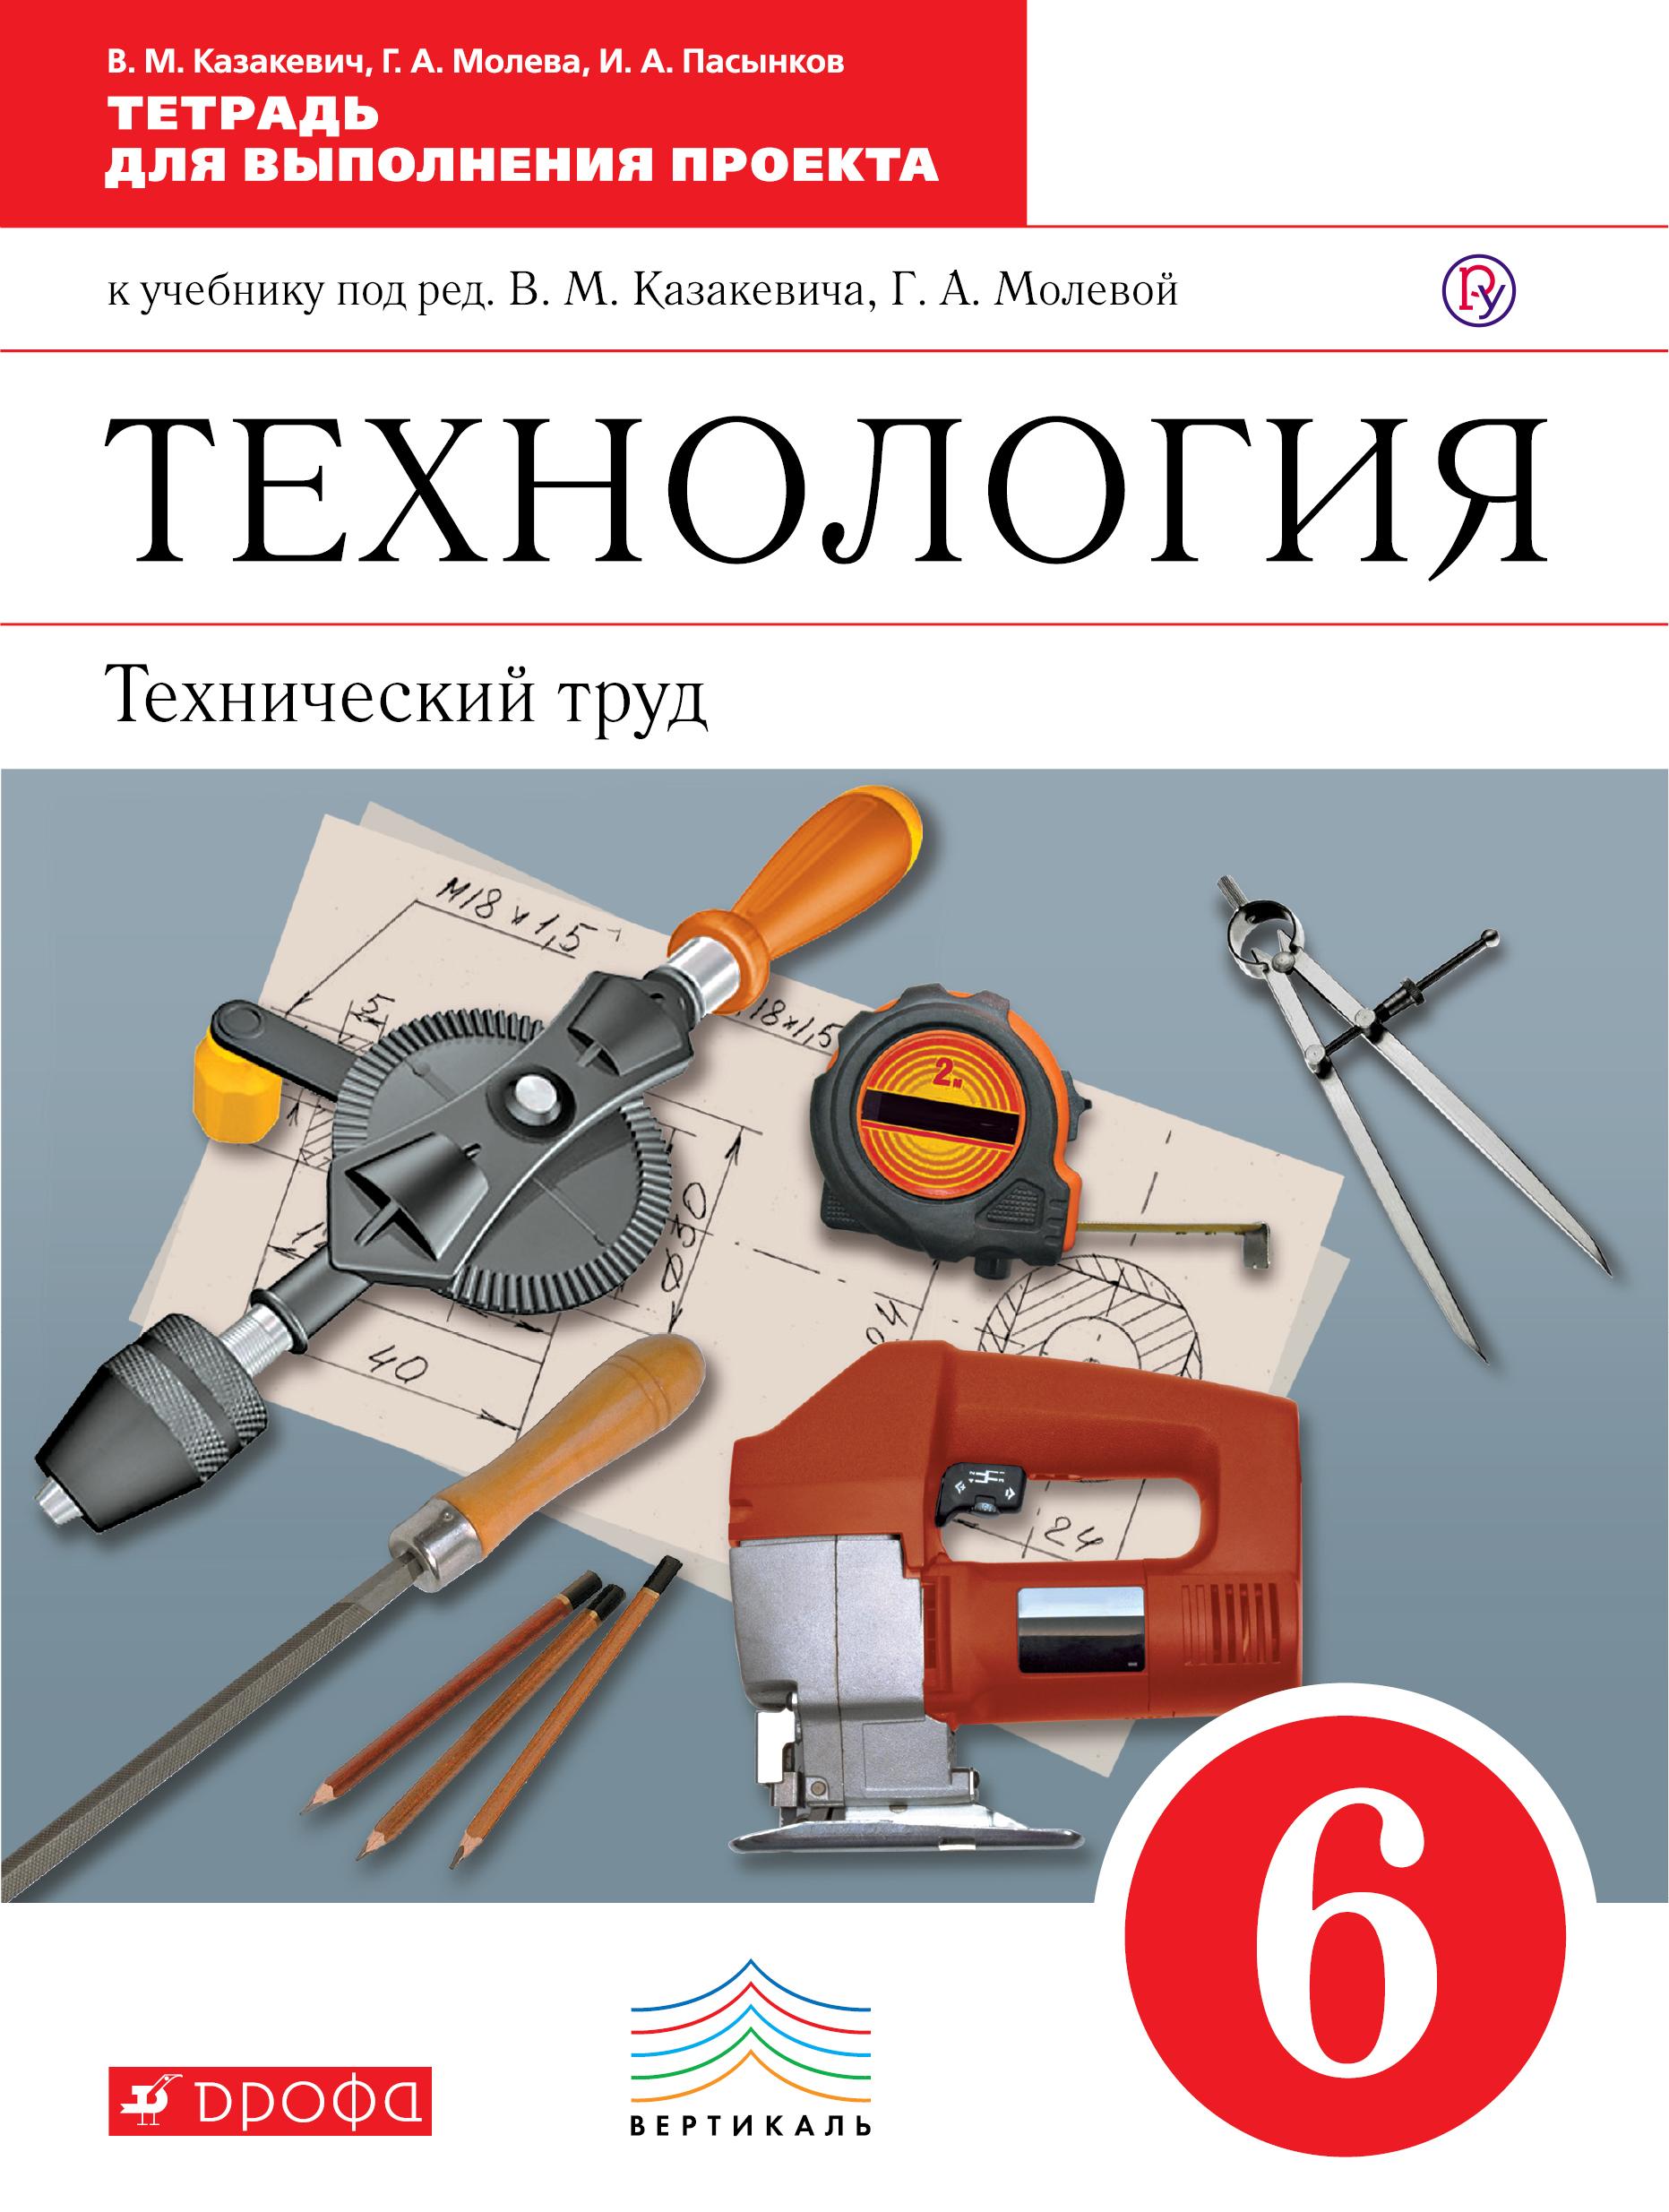 Технология. Технический труд. 6 класс. Тетрадь для выполнения проекта